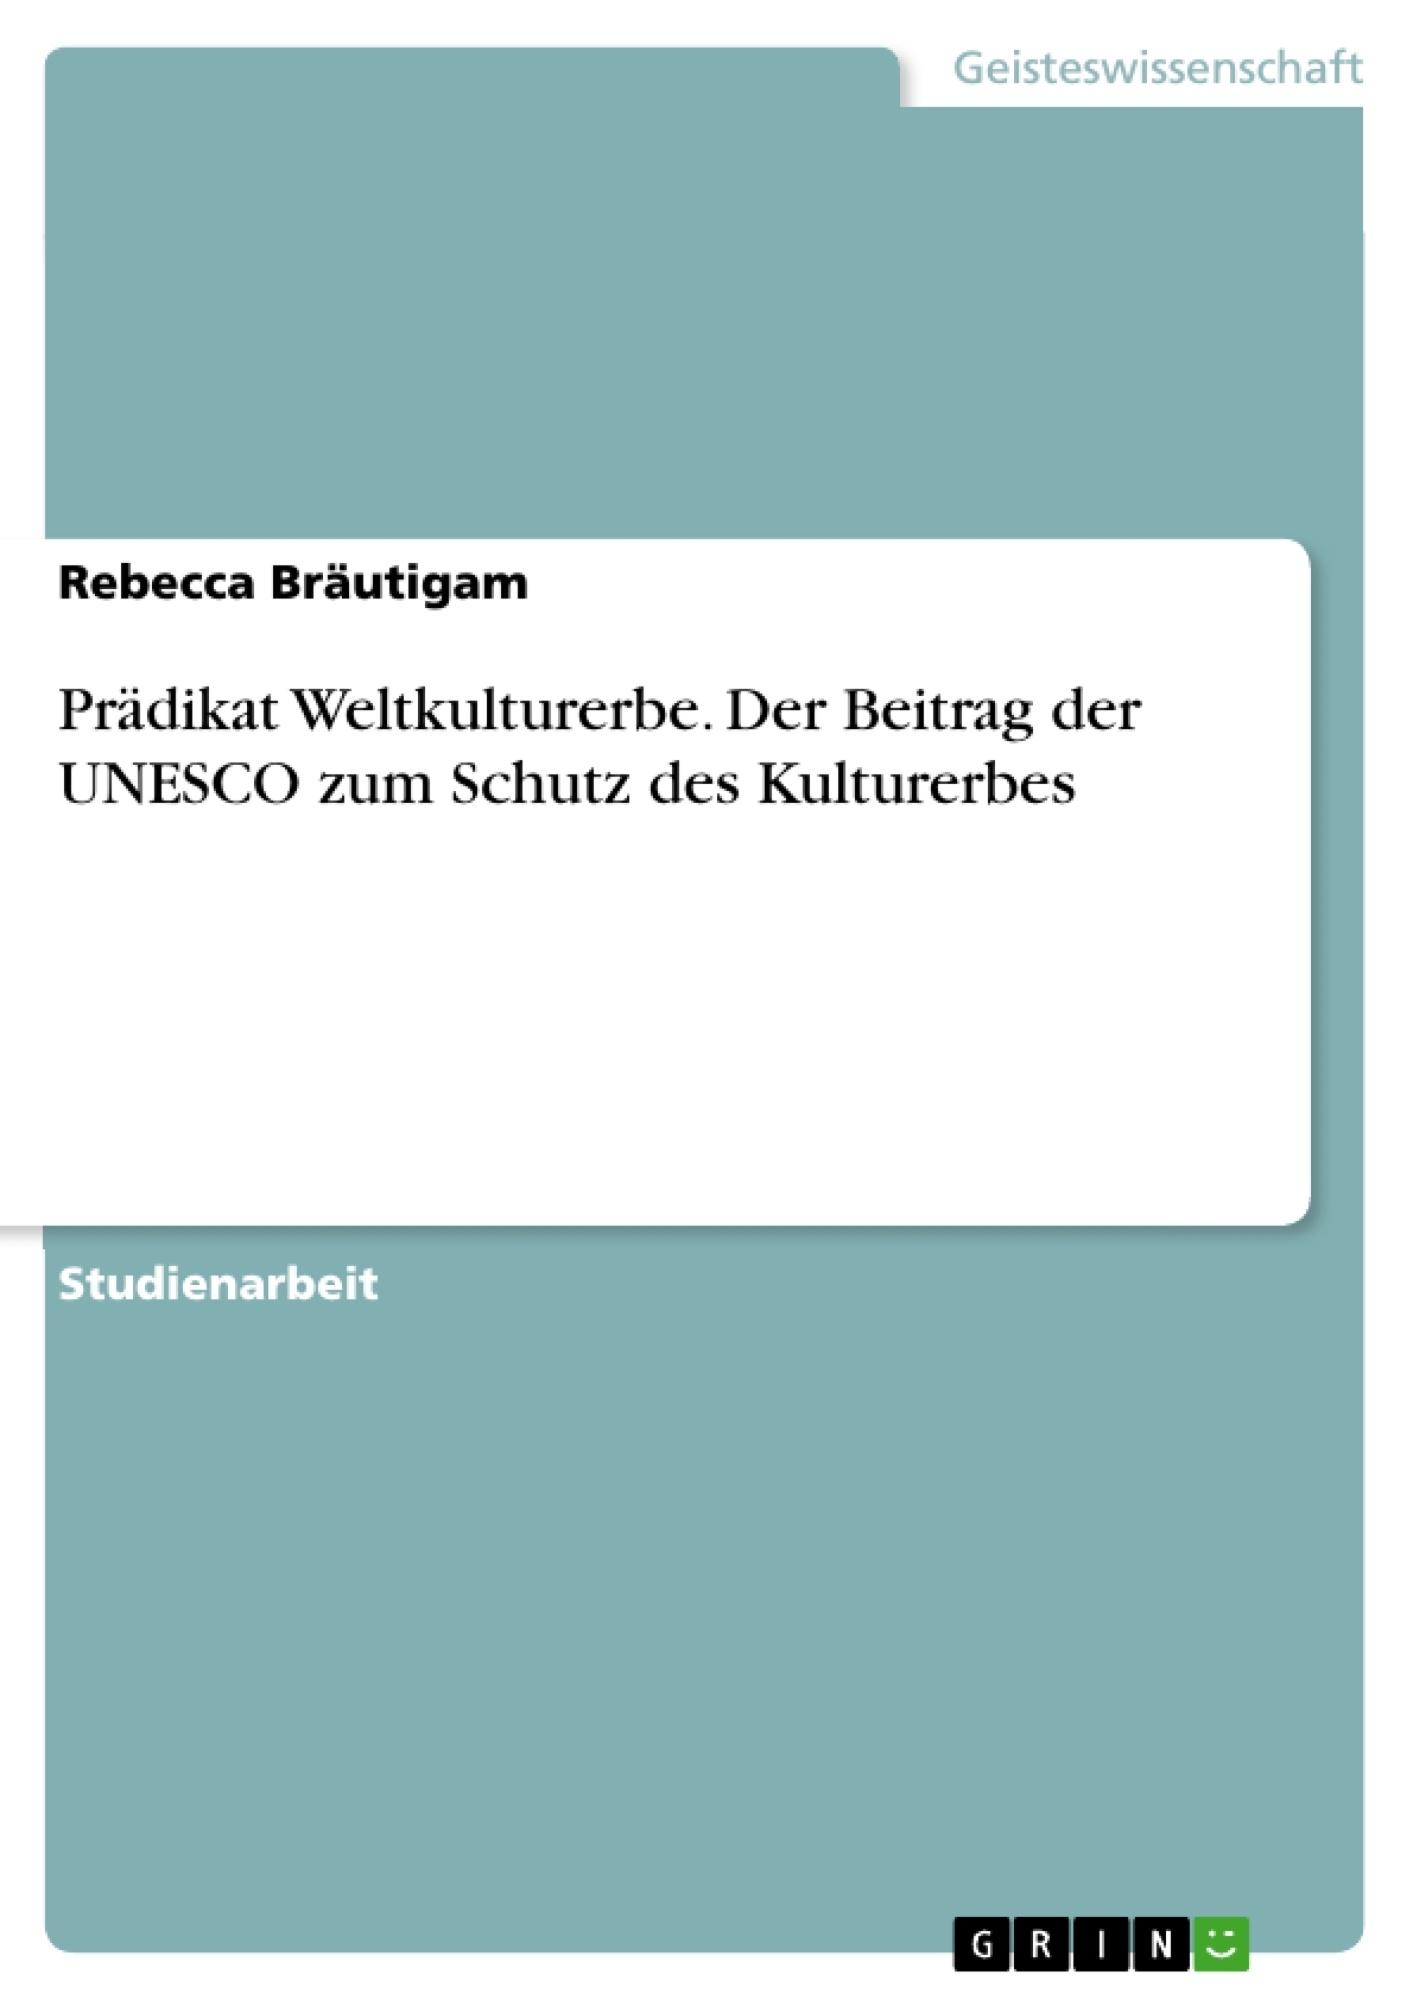 Titel: Prädikat Weltkulturerbe. Der Beitrag der UNESCO zum Schutz  des Kulturerbes